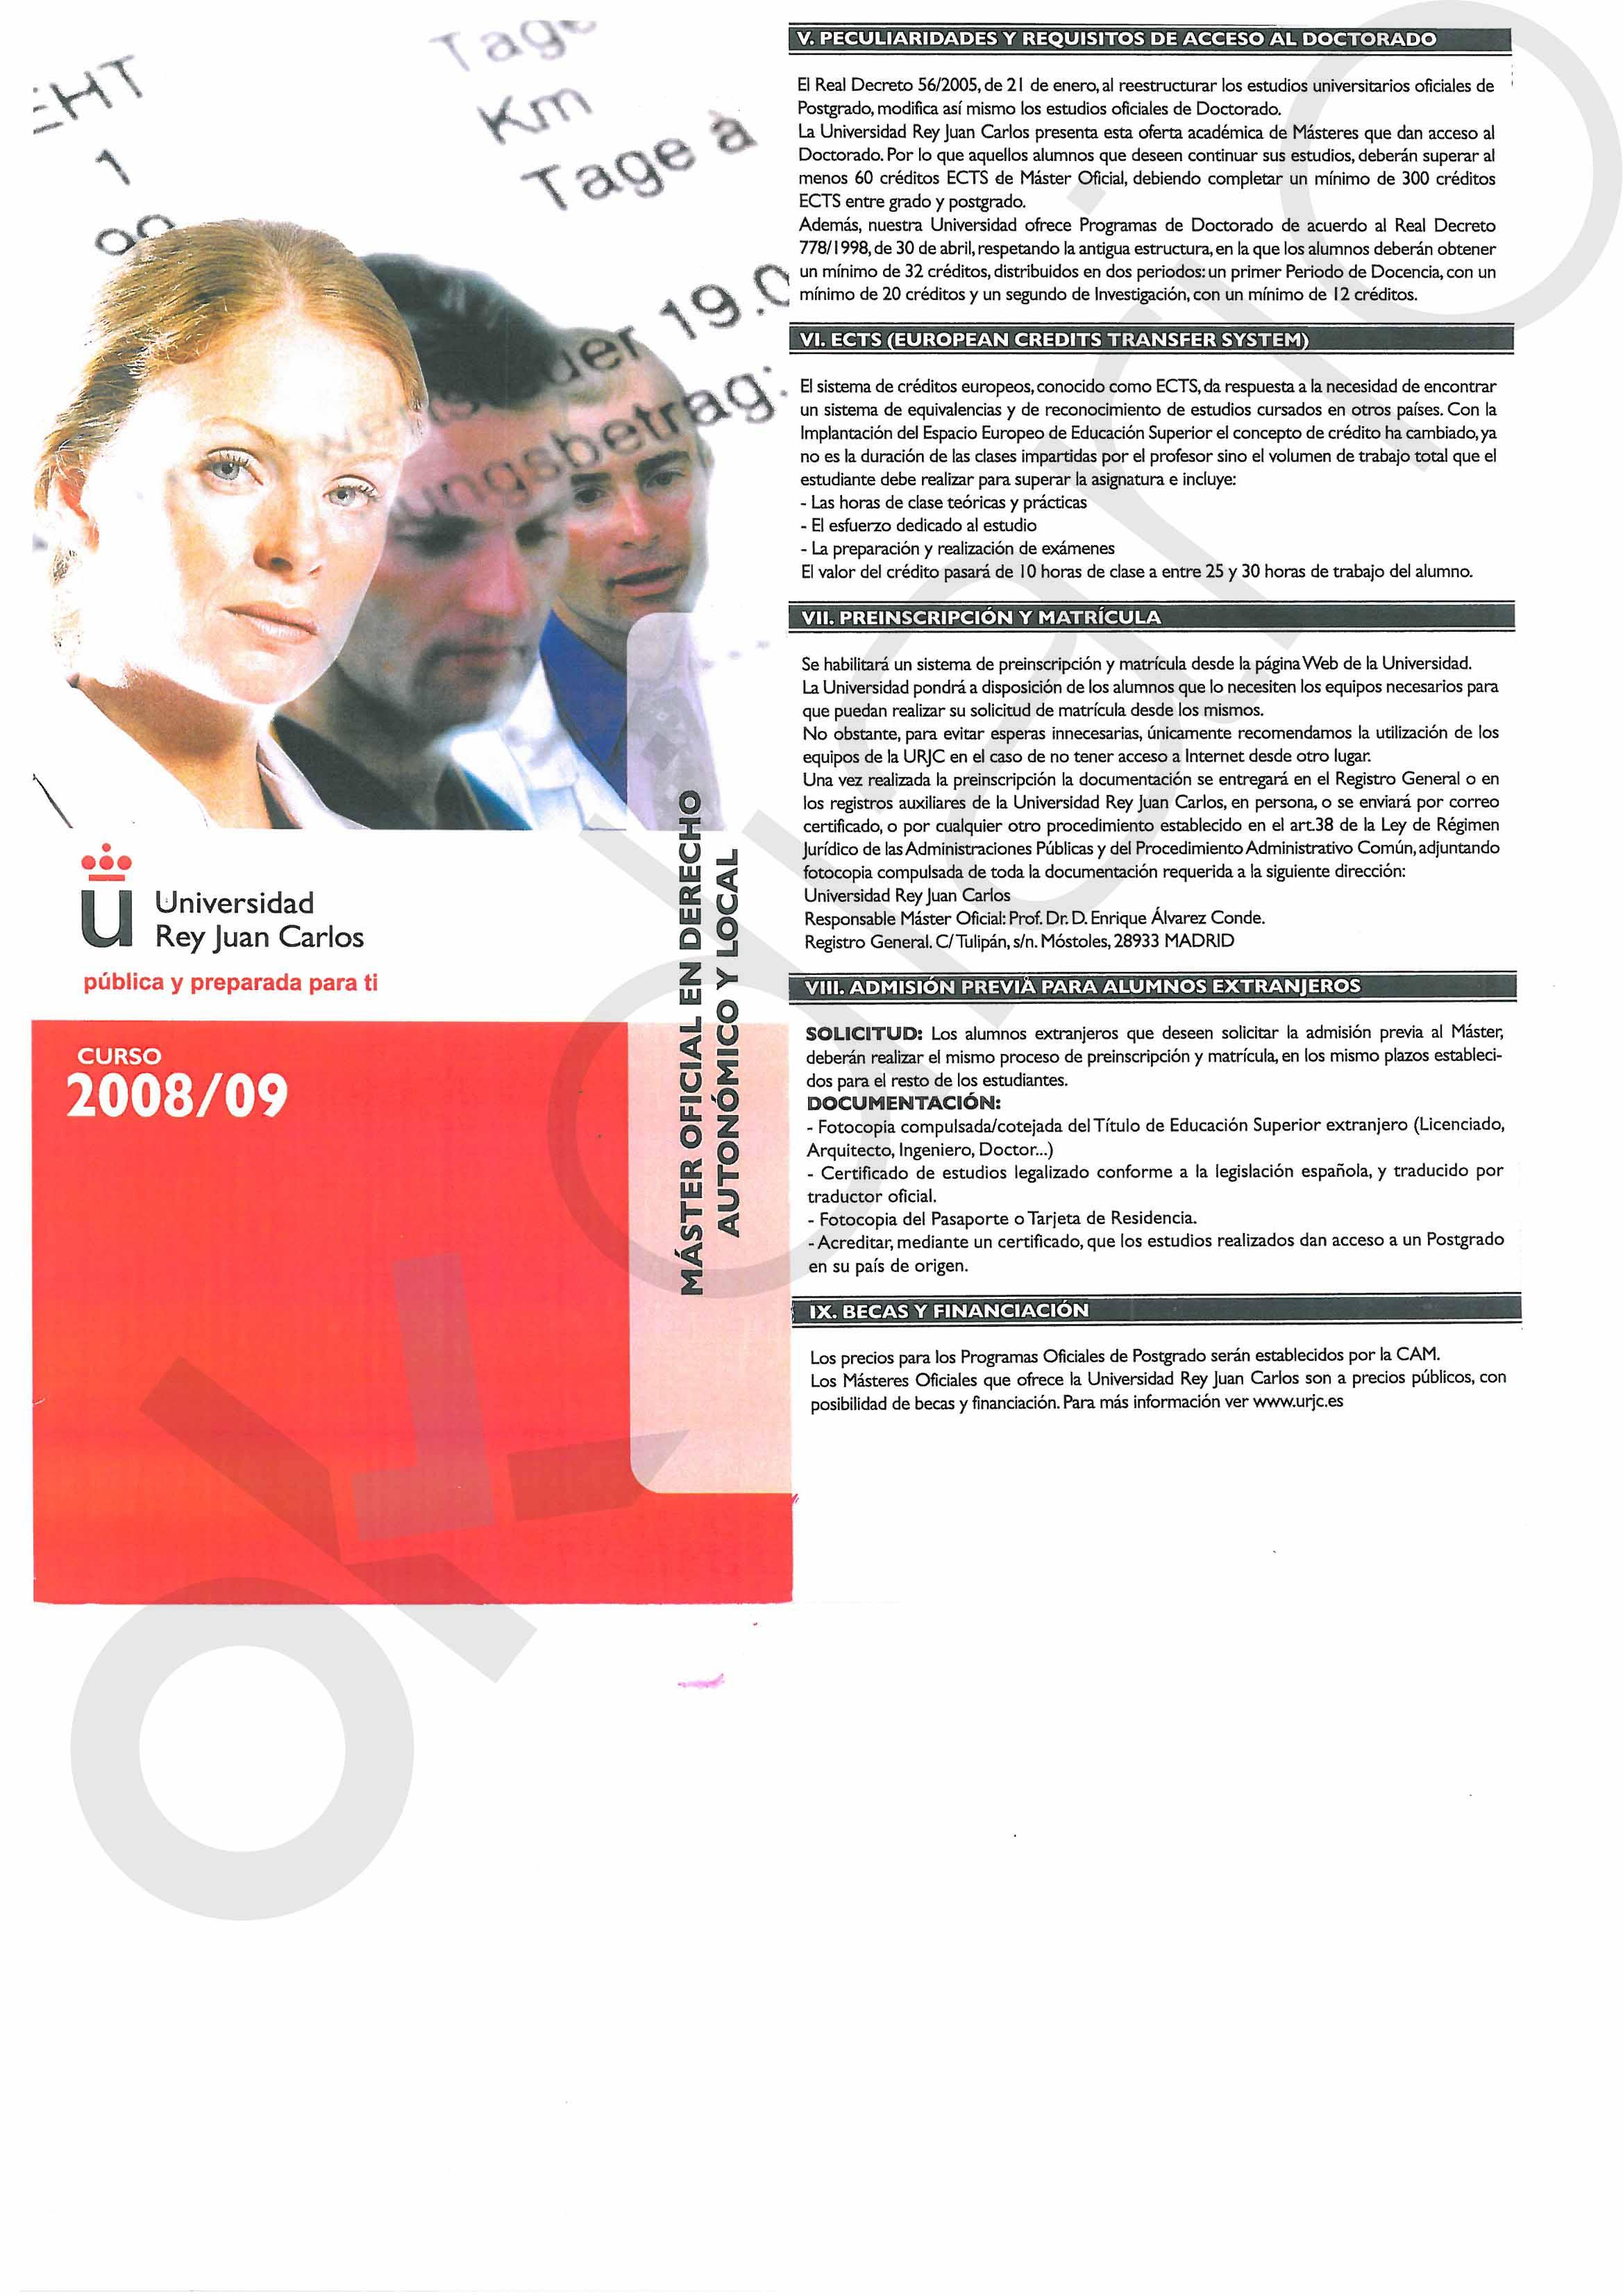 Los documentos del máster de Casado prueban que también cumplió la norma de convalidación de la URJC